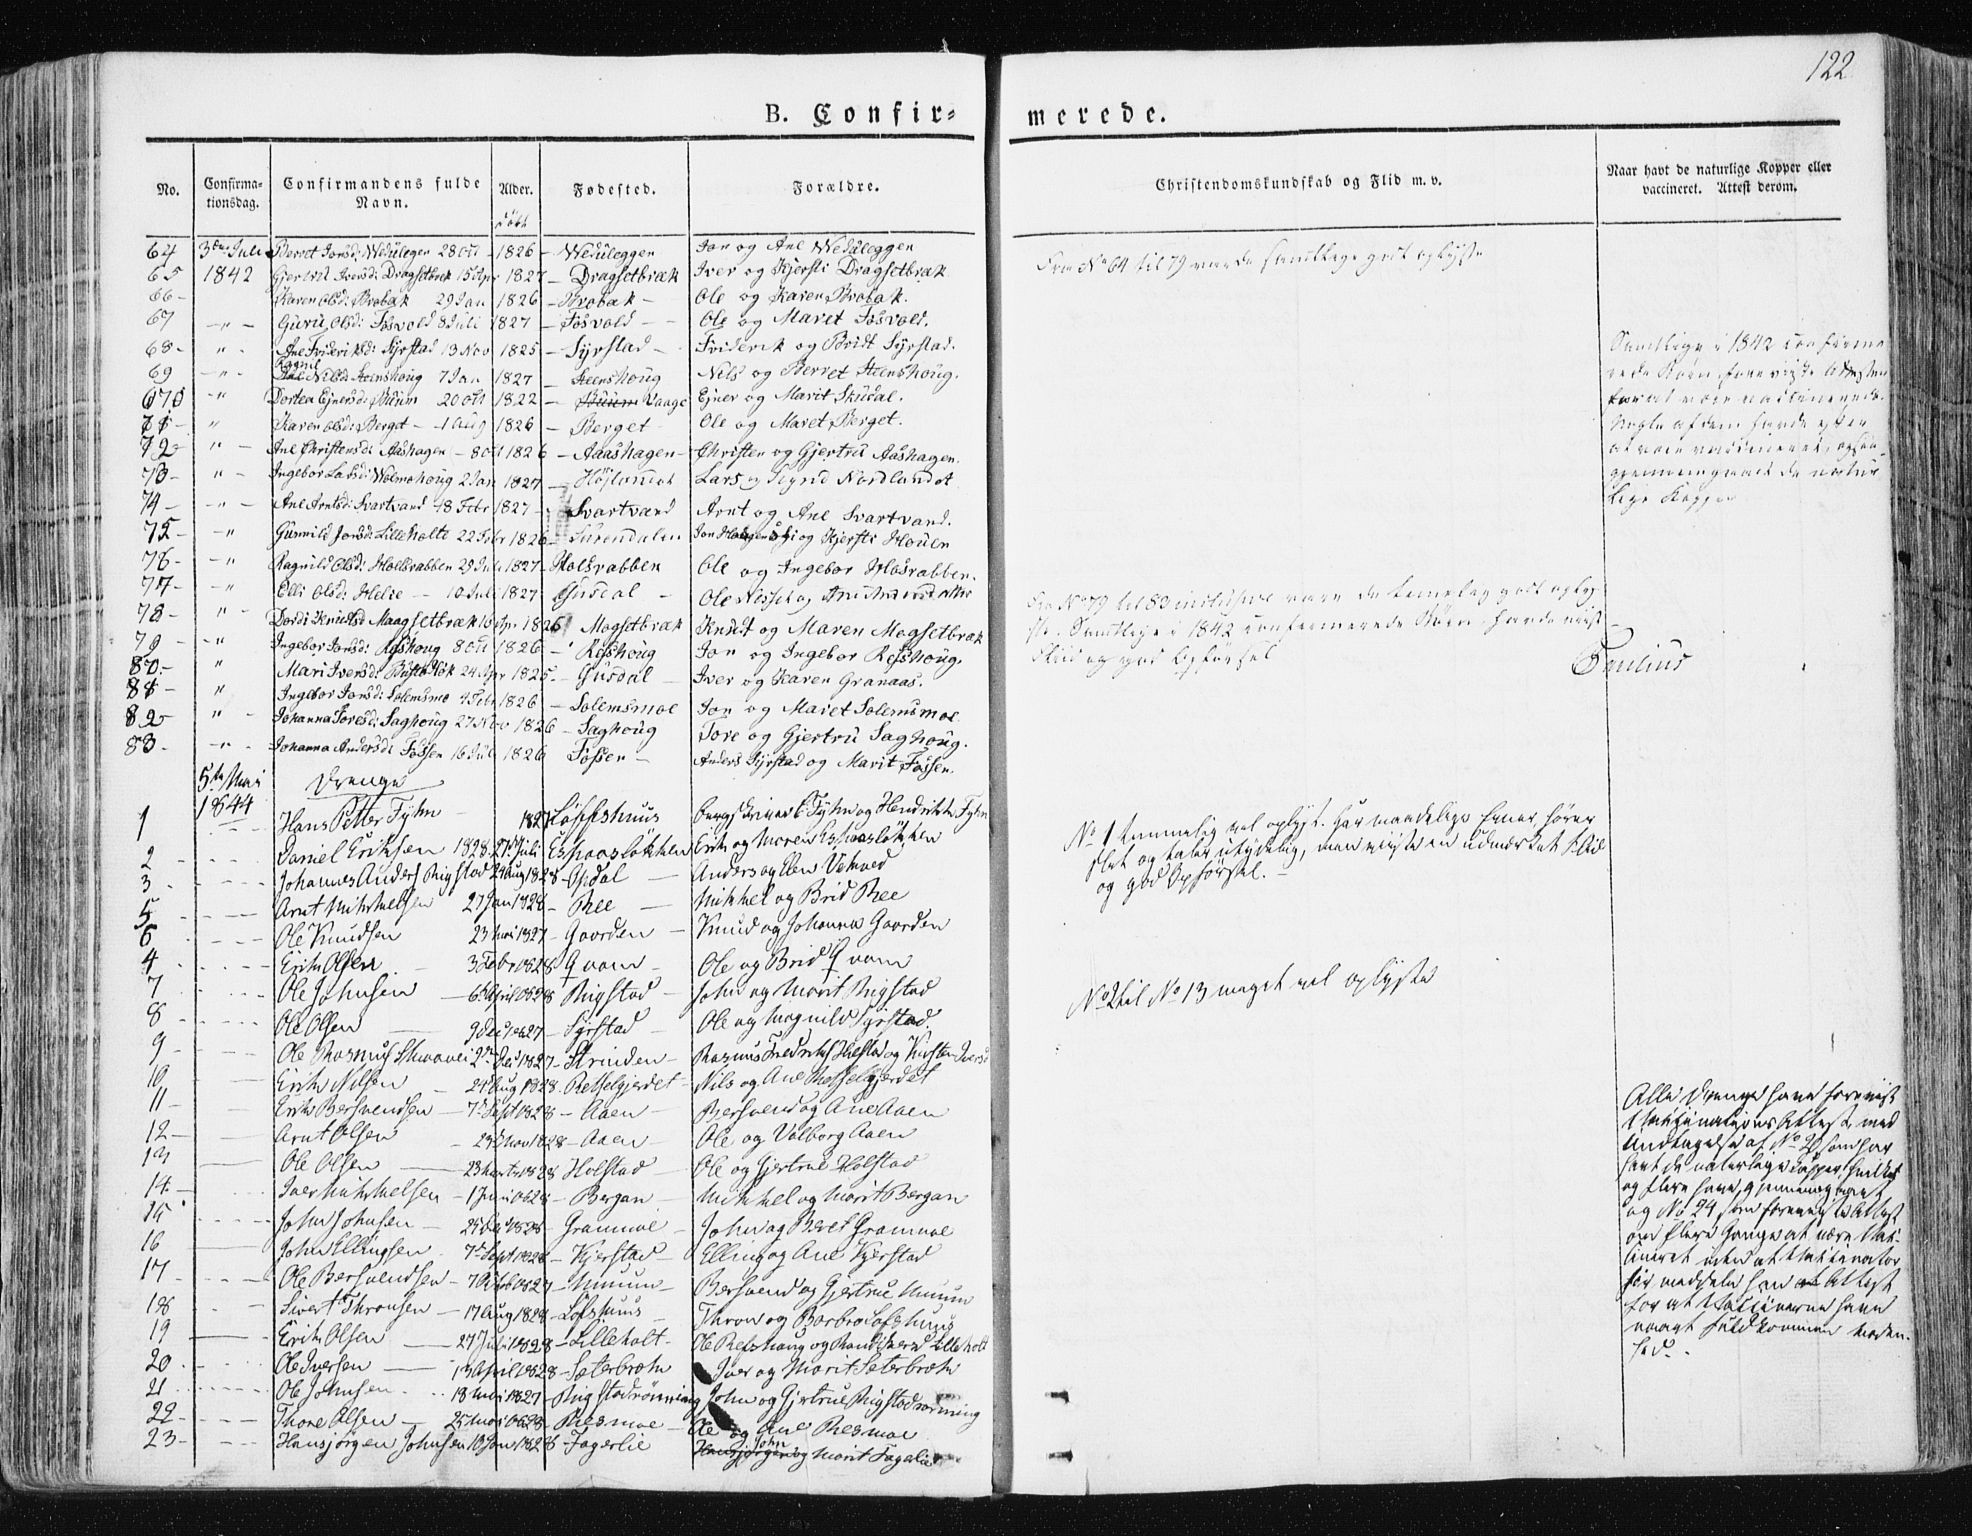 SAT, Ministerialprotokoller, klokkerbøker og fødselsregistre - Sør-Trøndelag, 672/L0855: Ministerialbok nr. 672A07, 1829-1860, s. 122